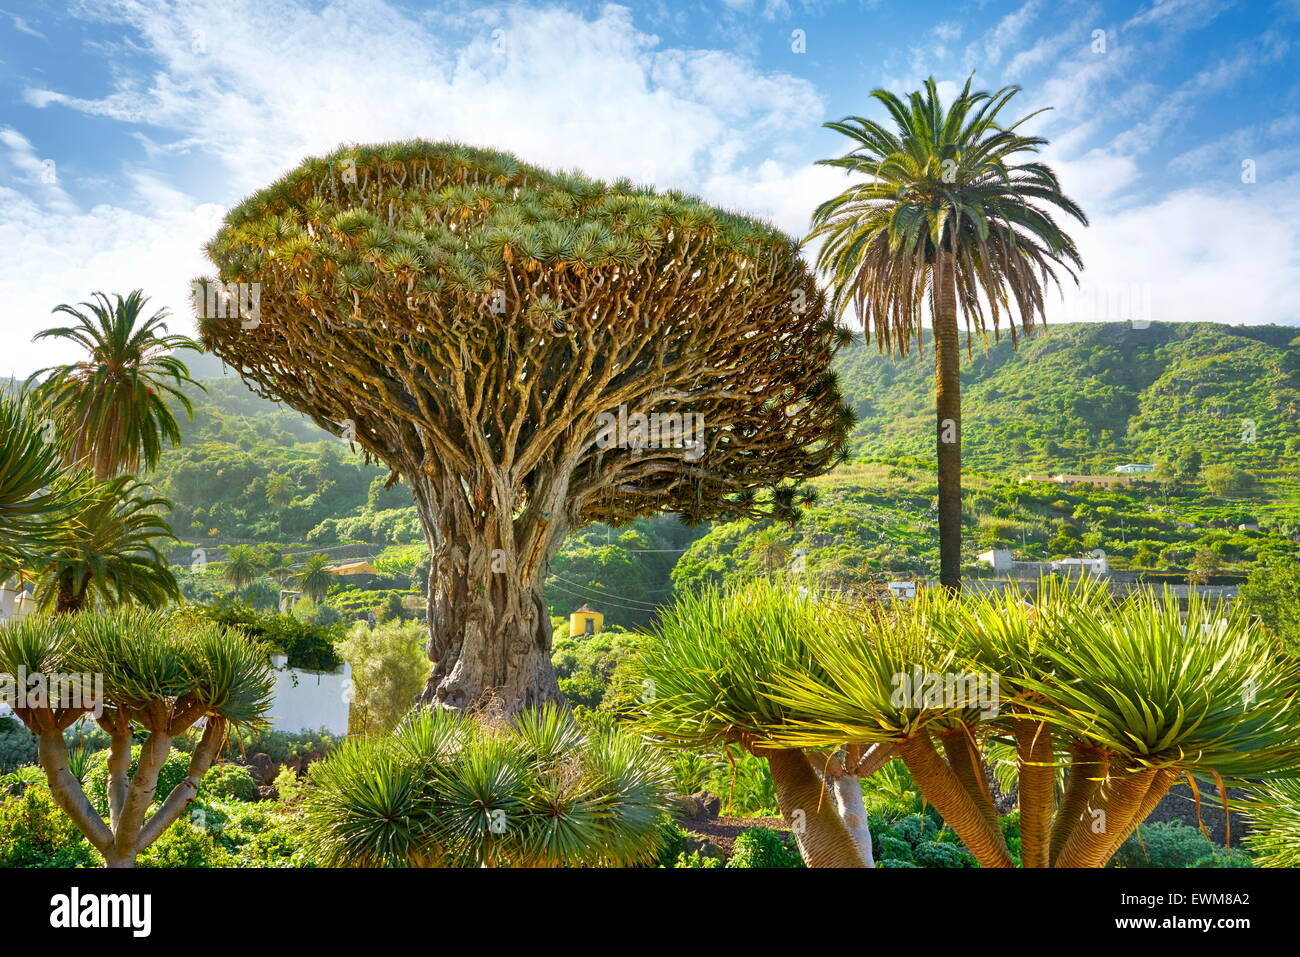 Drago, Dracaena draco, La Orotava, Tenerife, Islas Canarias, España Imagen De Stock